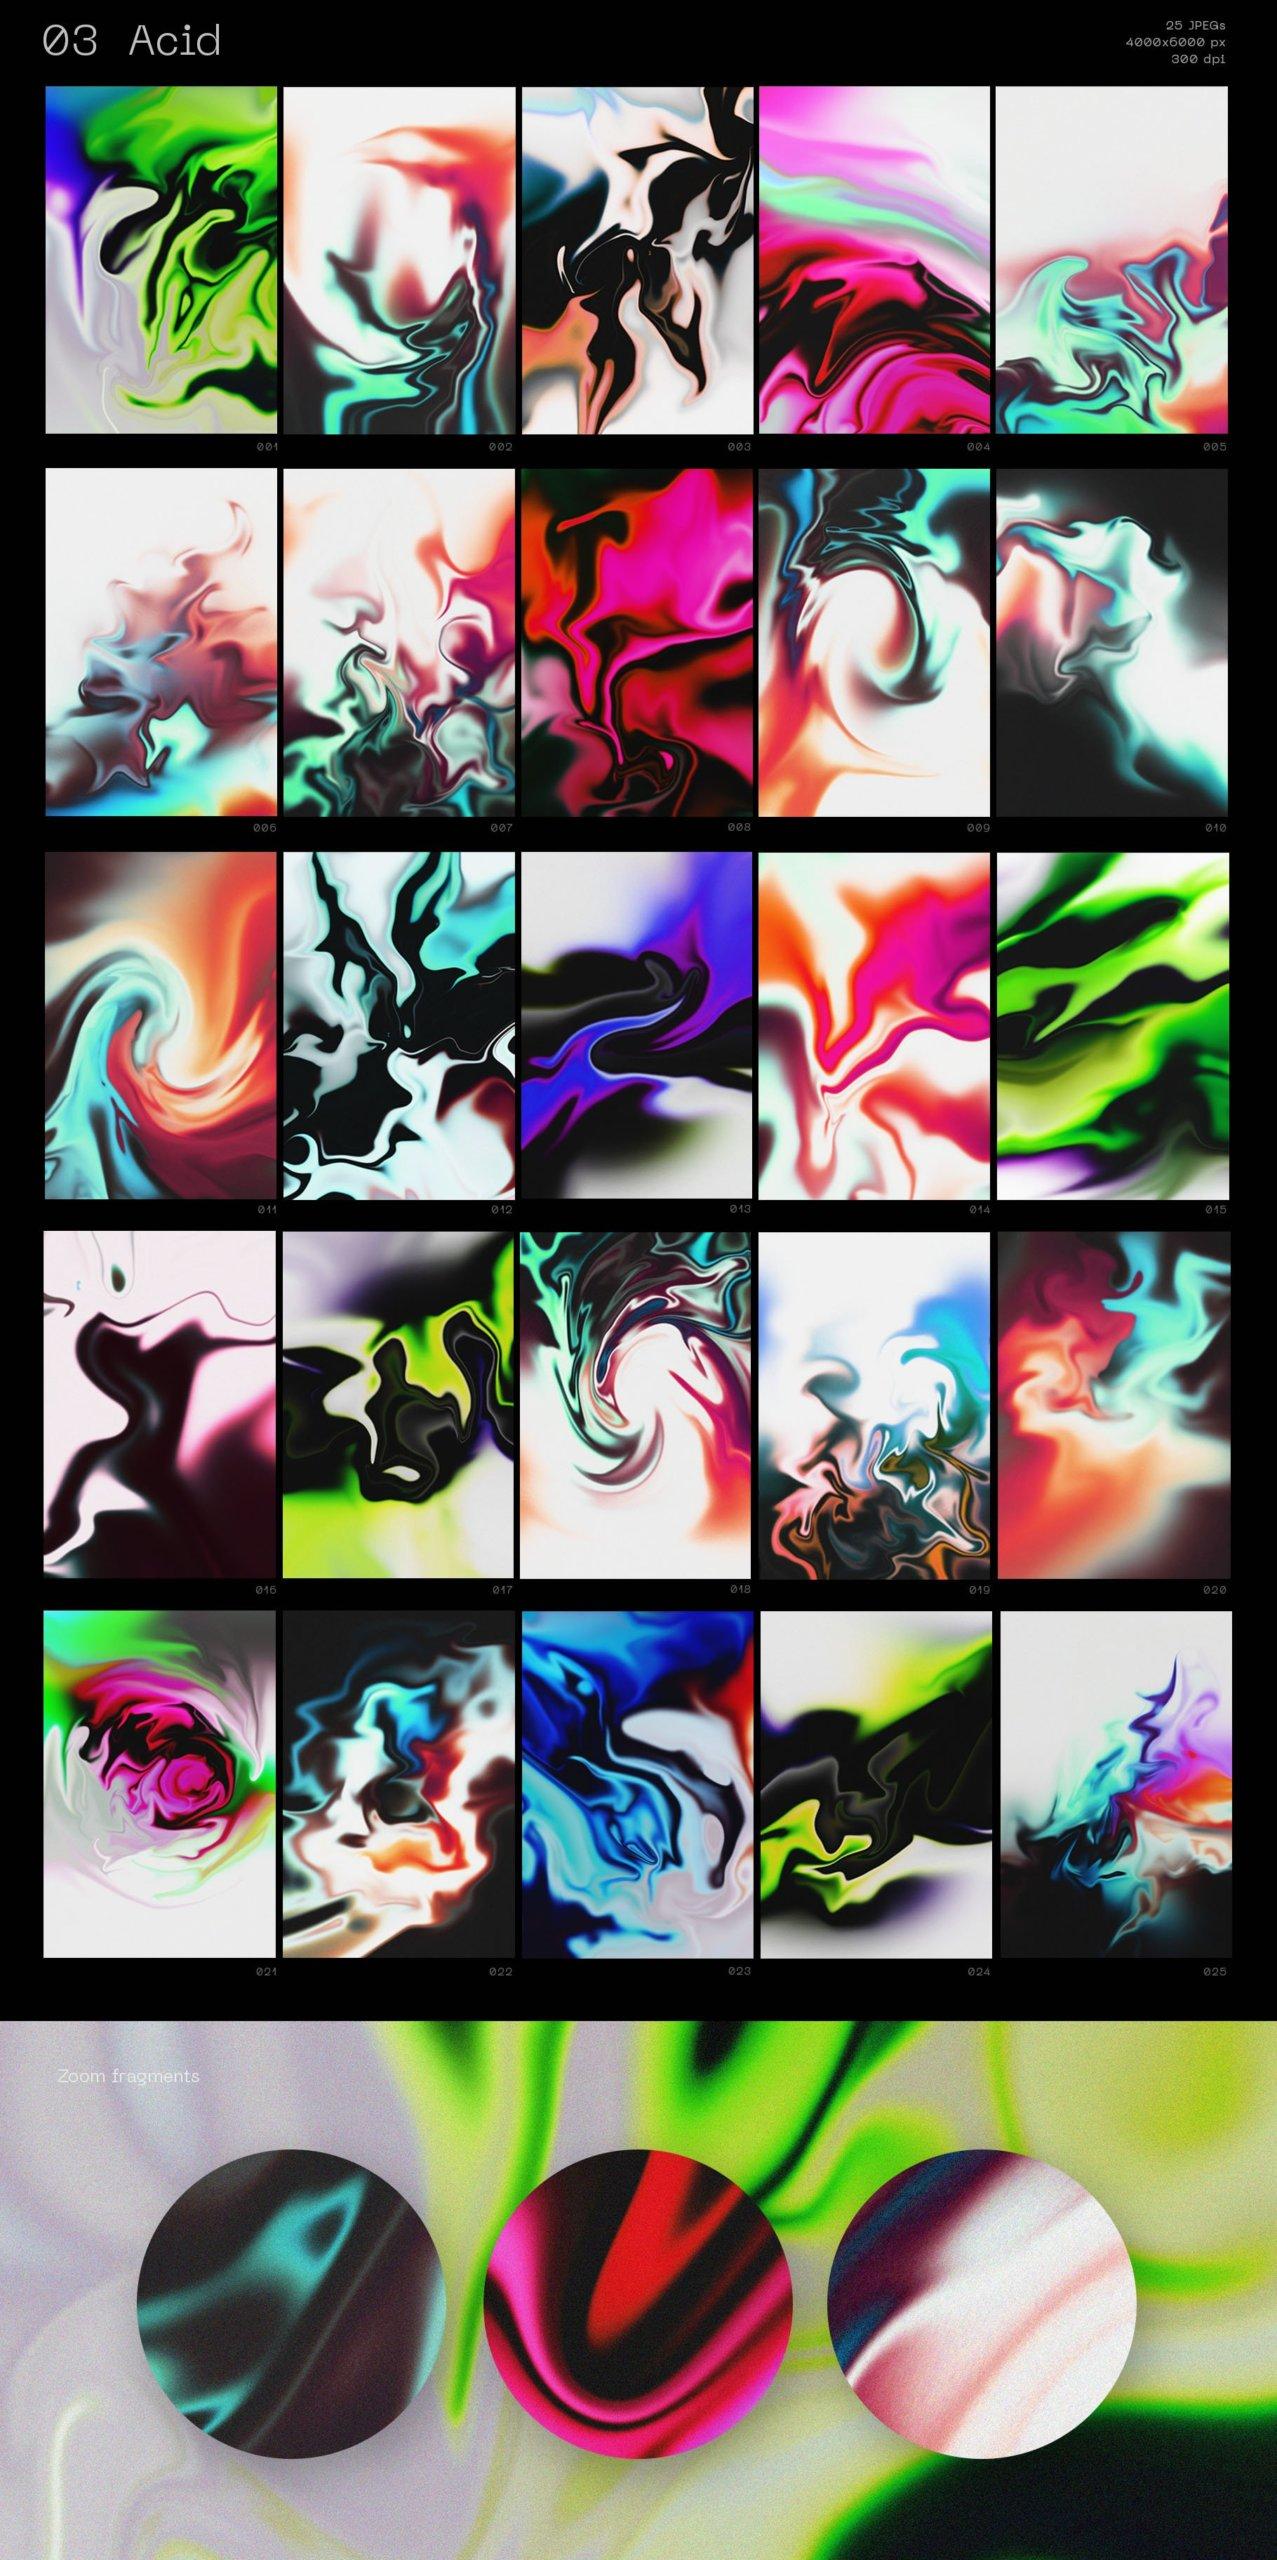 [单独购买] 潮流抽象粗糙划痕炫彩全息渐变油漆纹理背景图片矢量图案设计素材套装 Inartflow – Grafica Shapes Textures插图5